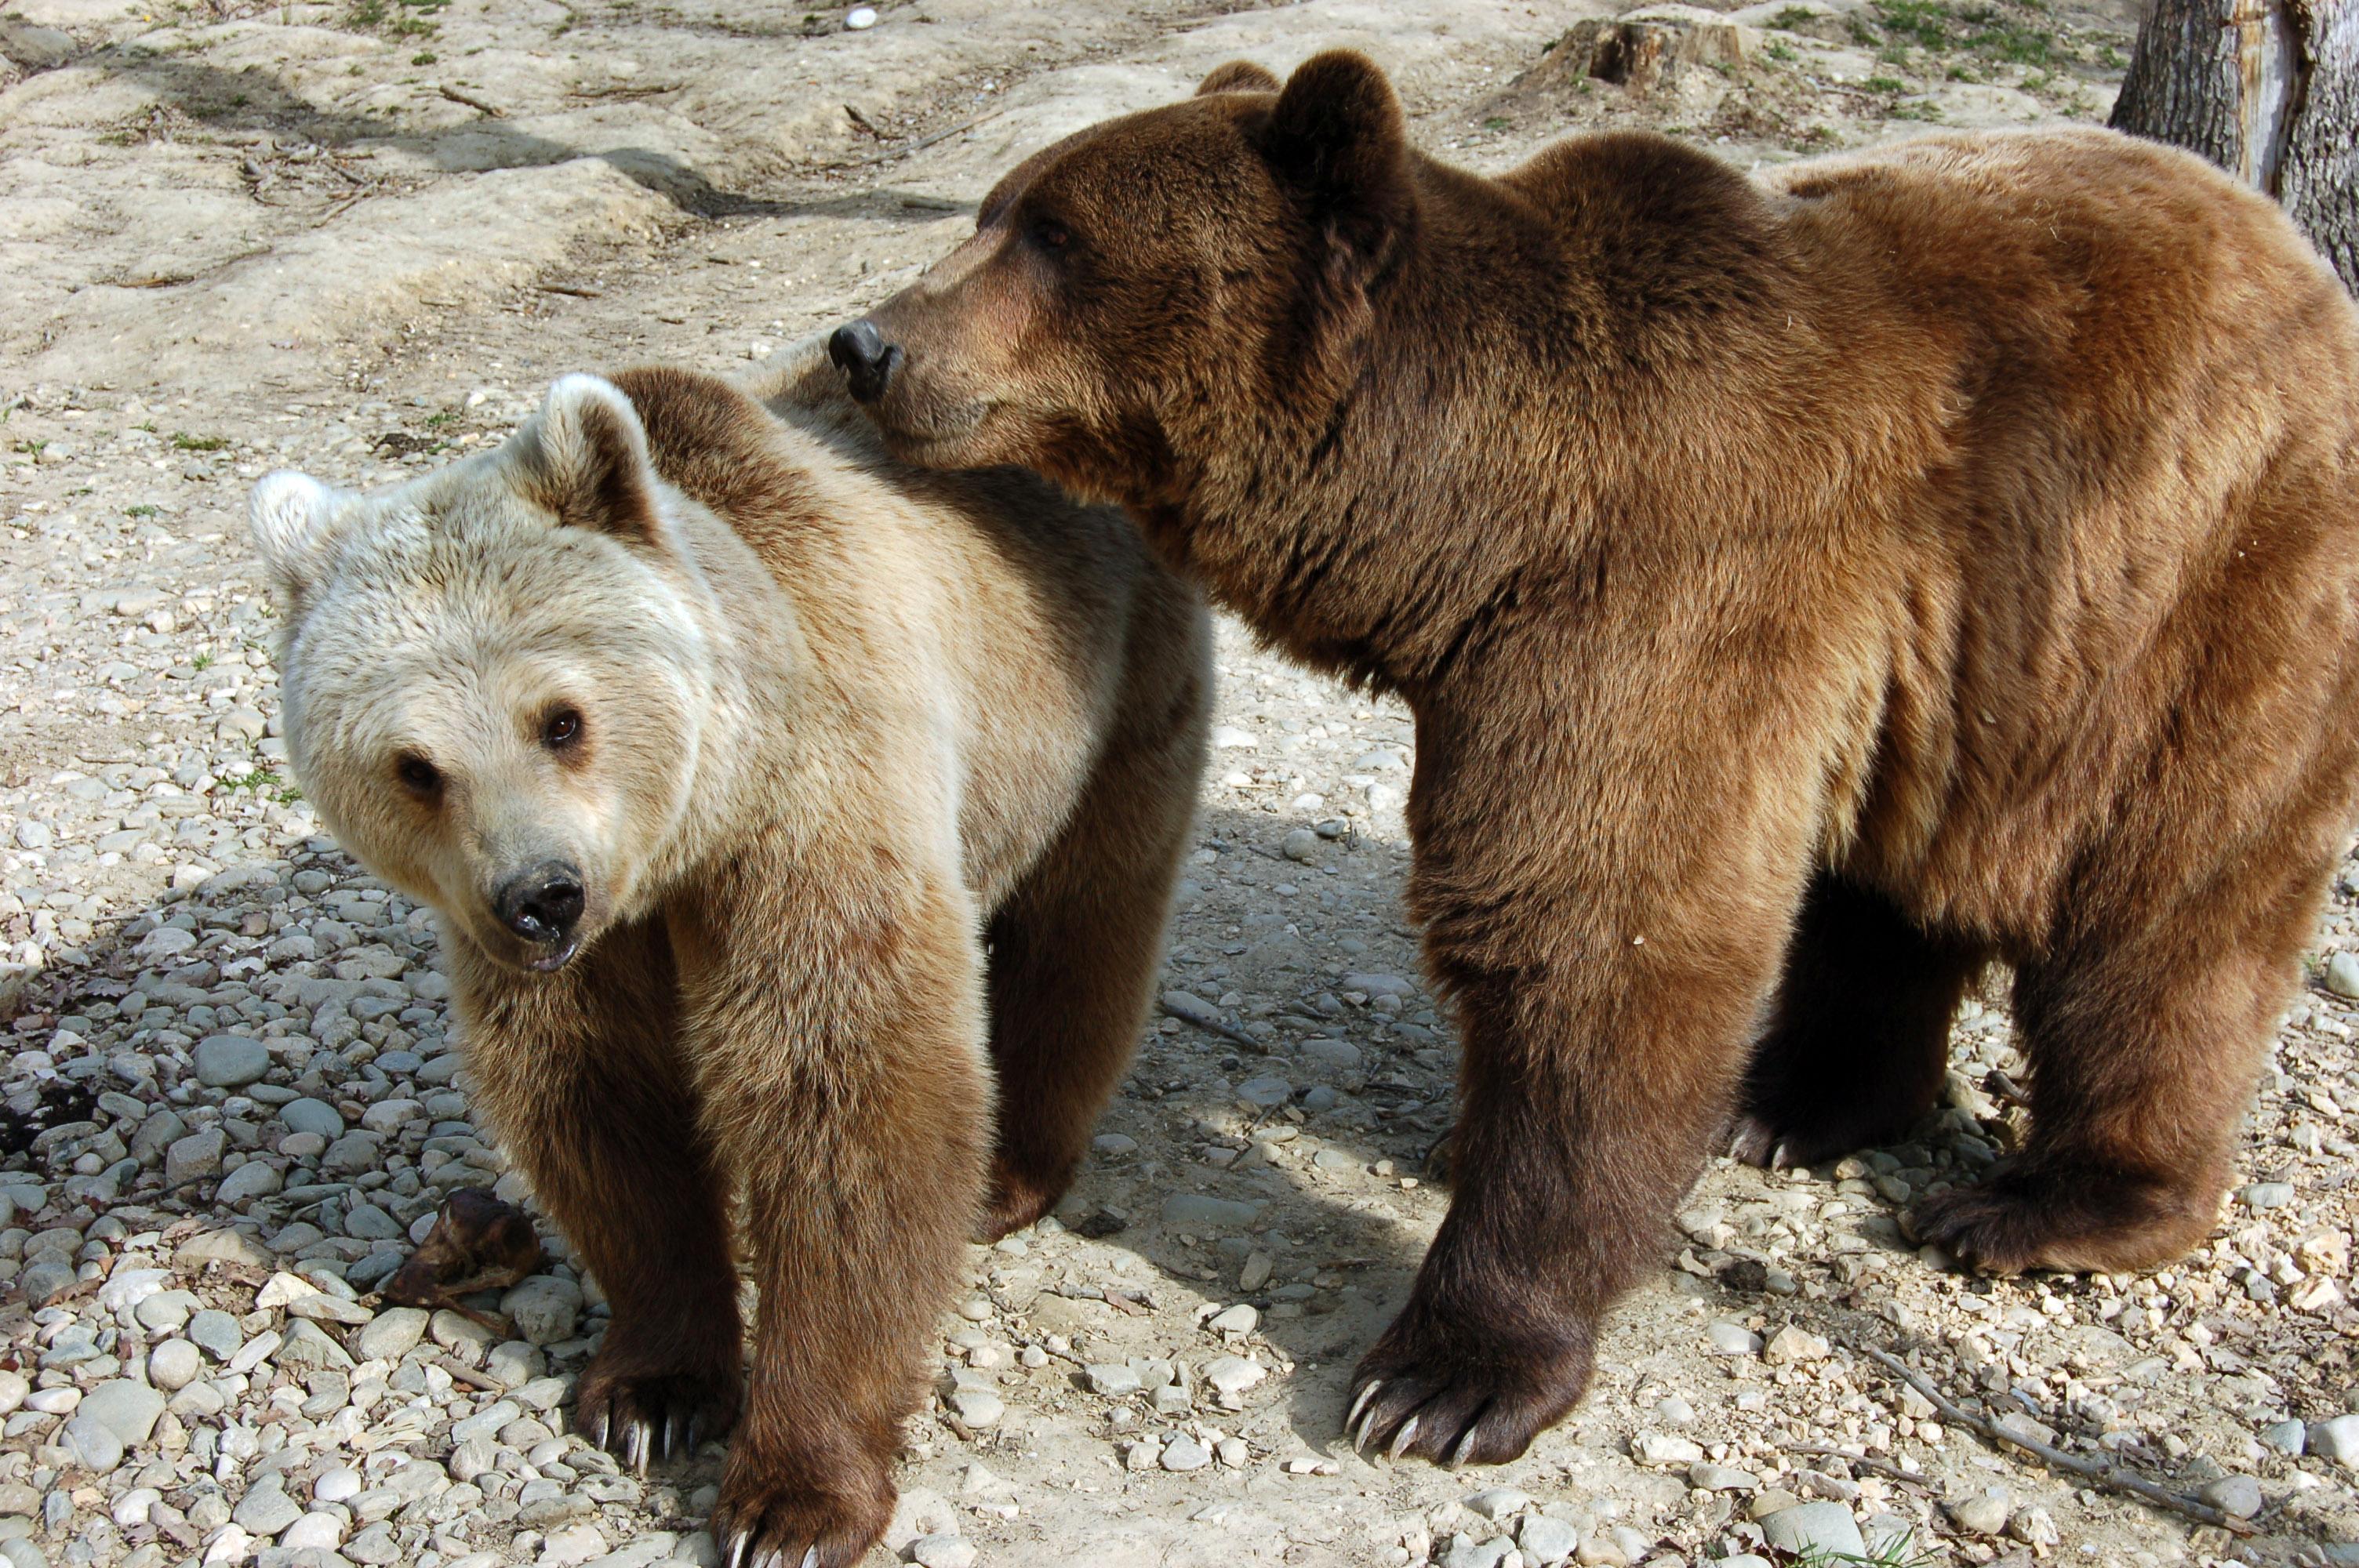 Megjött a bukaresti engedély, két medvét kilőnek Tusnádfürdőn